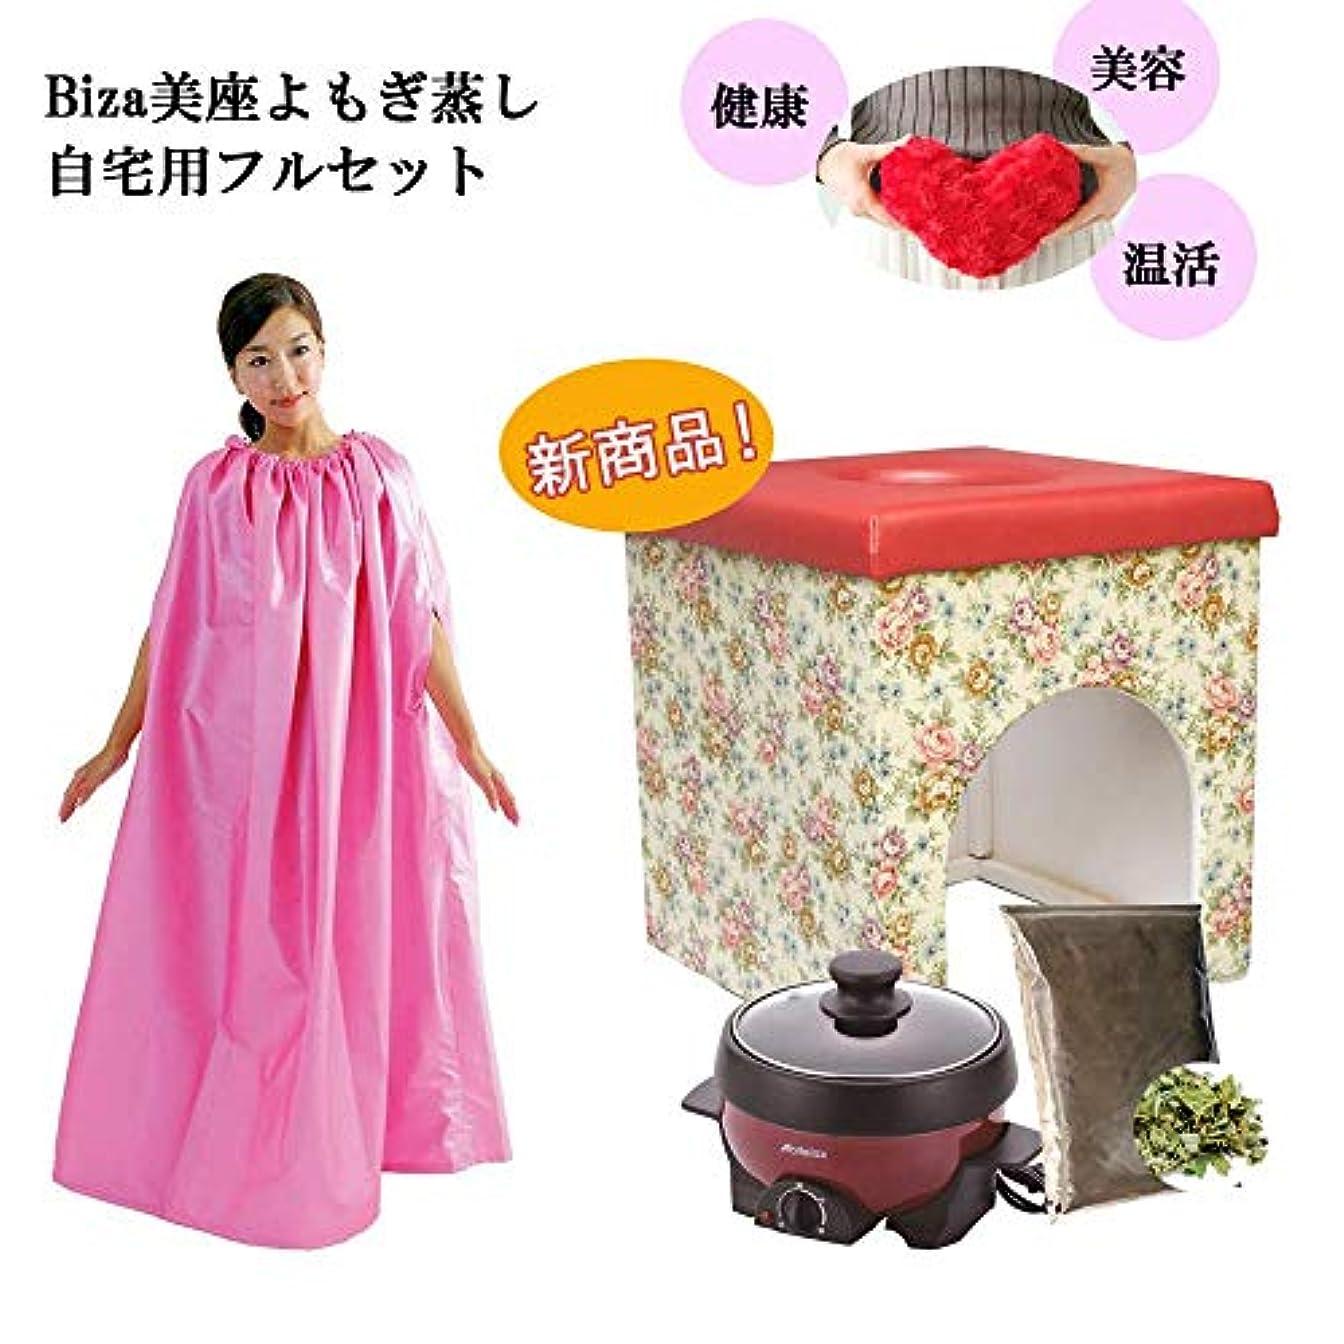 コックコショウ扇動まる温 よもぎ蒸し自宅用フルセット【ローズ002】 (ピンク)